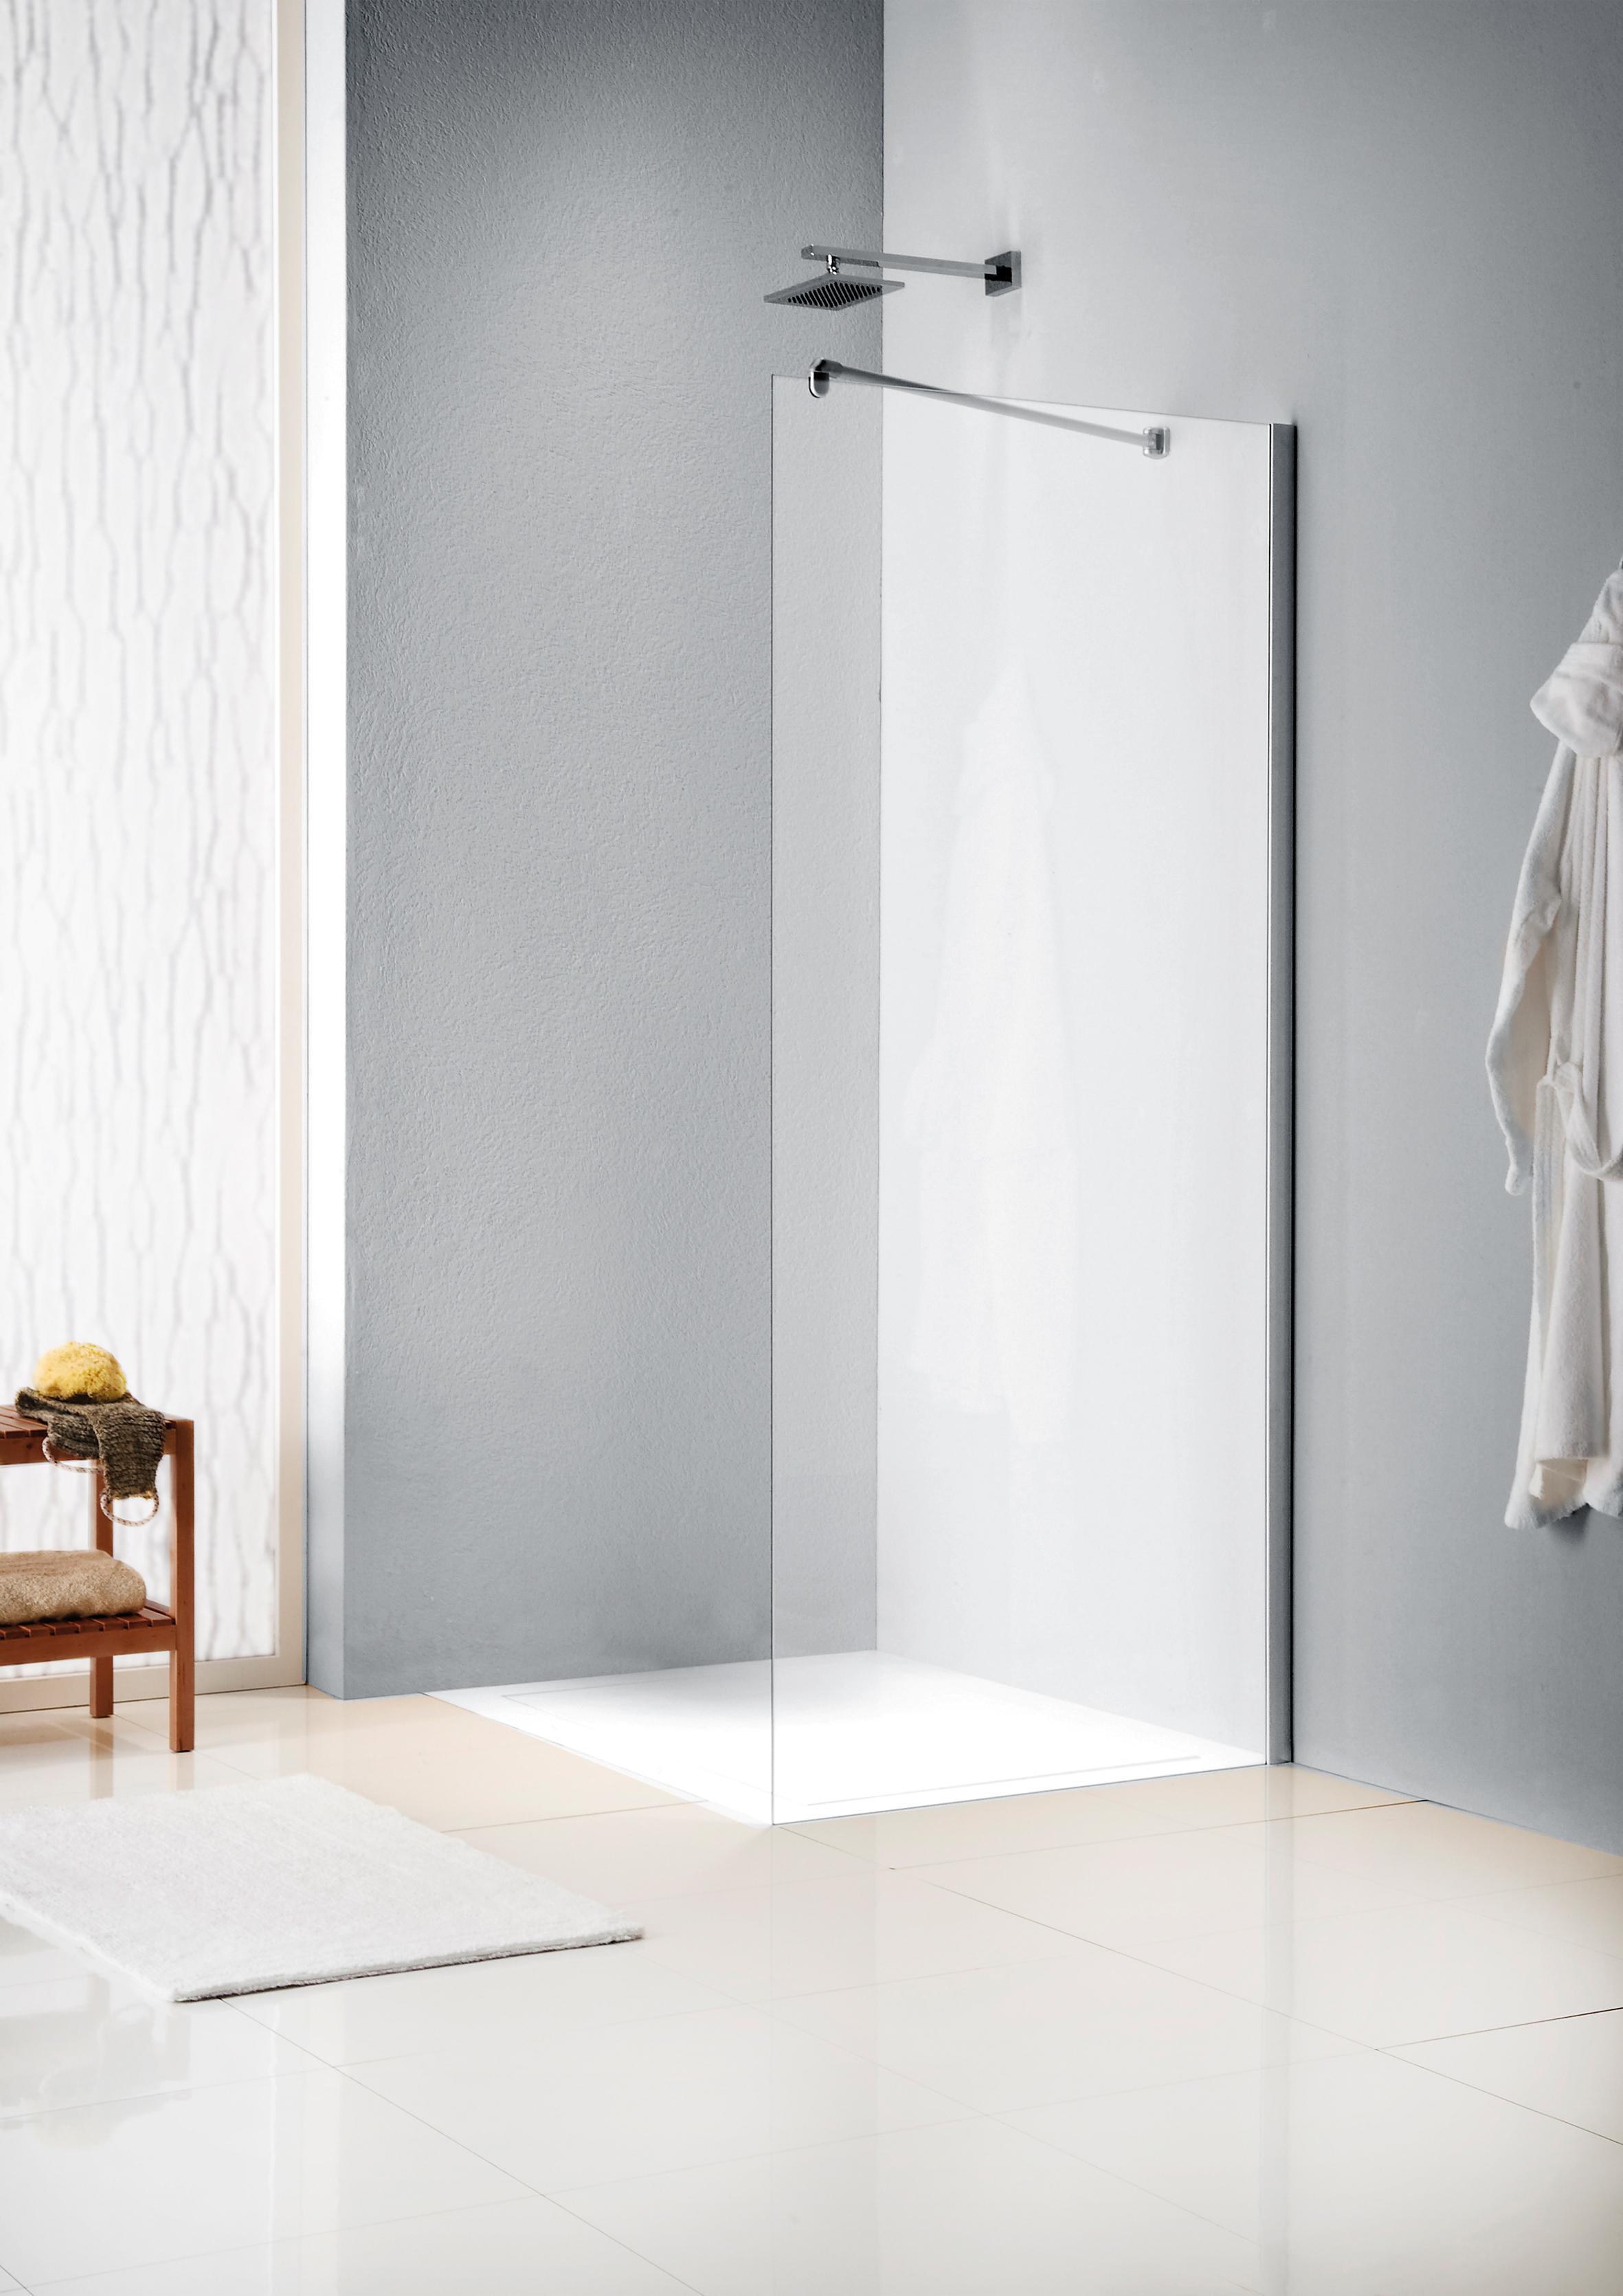 Sealskin Get Wet W205 inloopdouche 100x200cm mat zilver profiel en chinchilla glas voorzien van anti